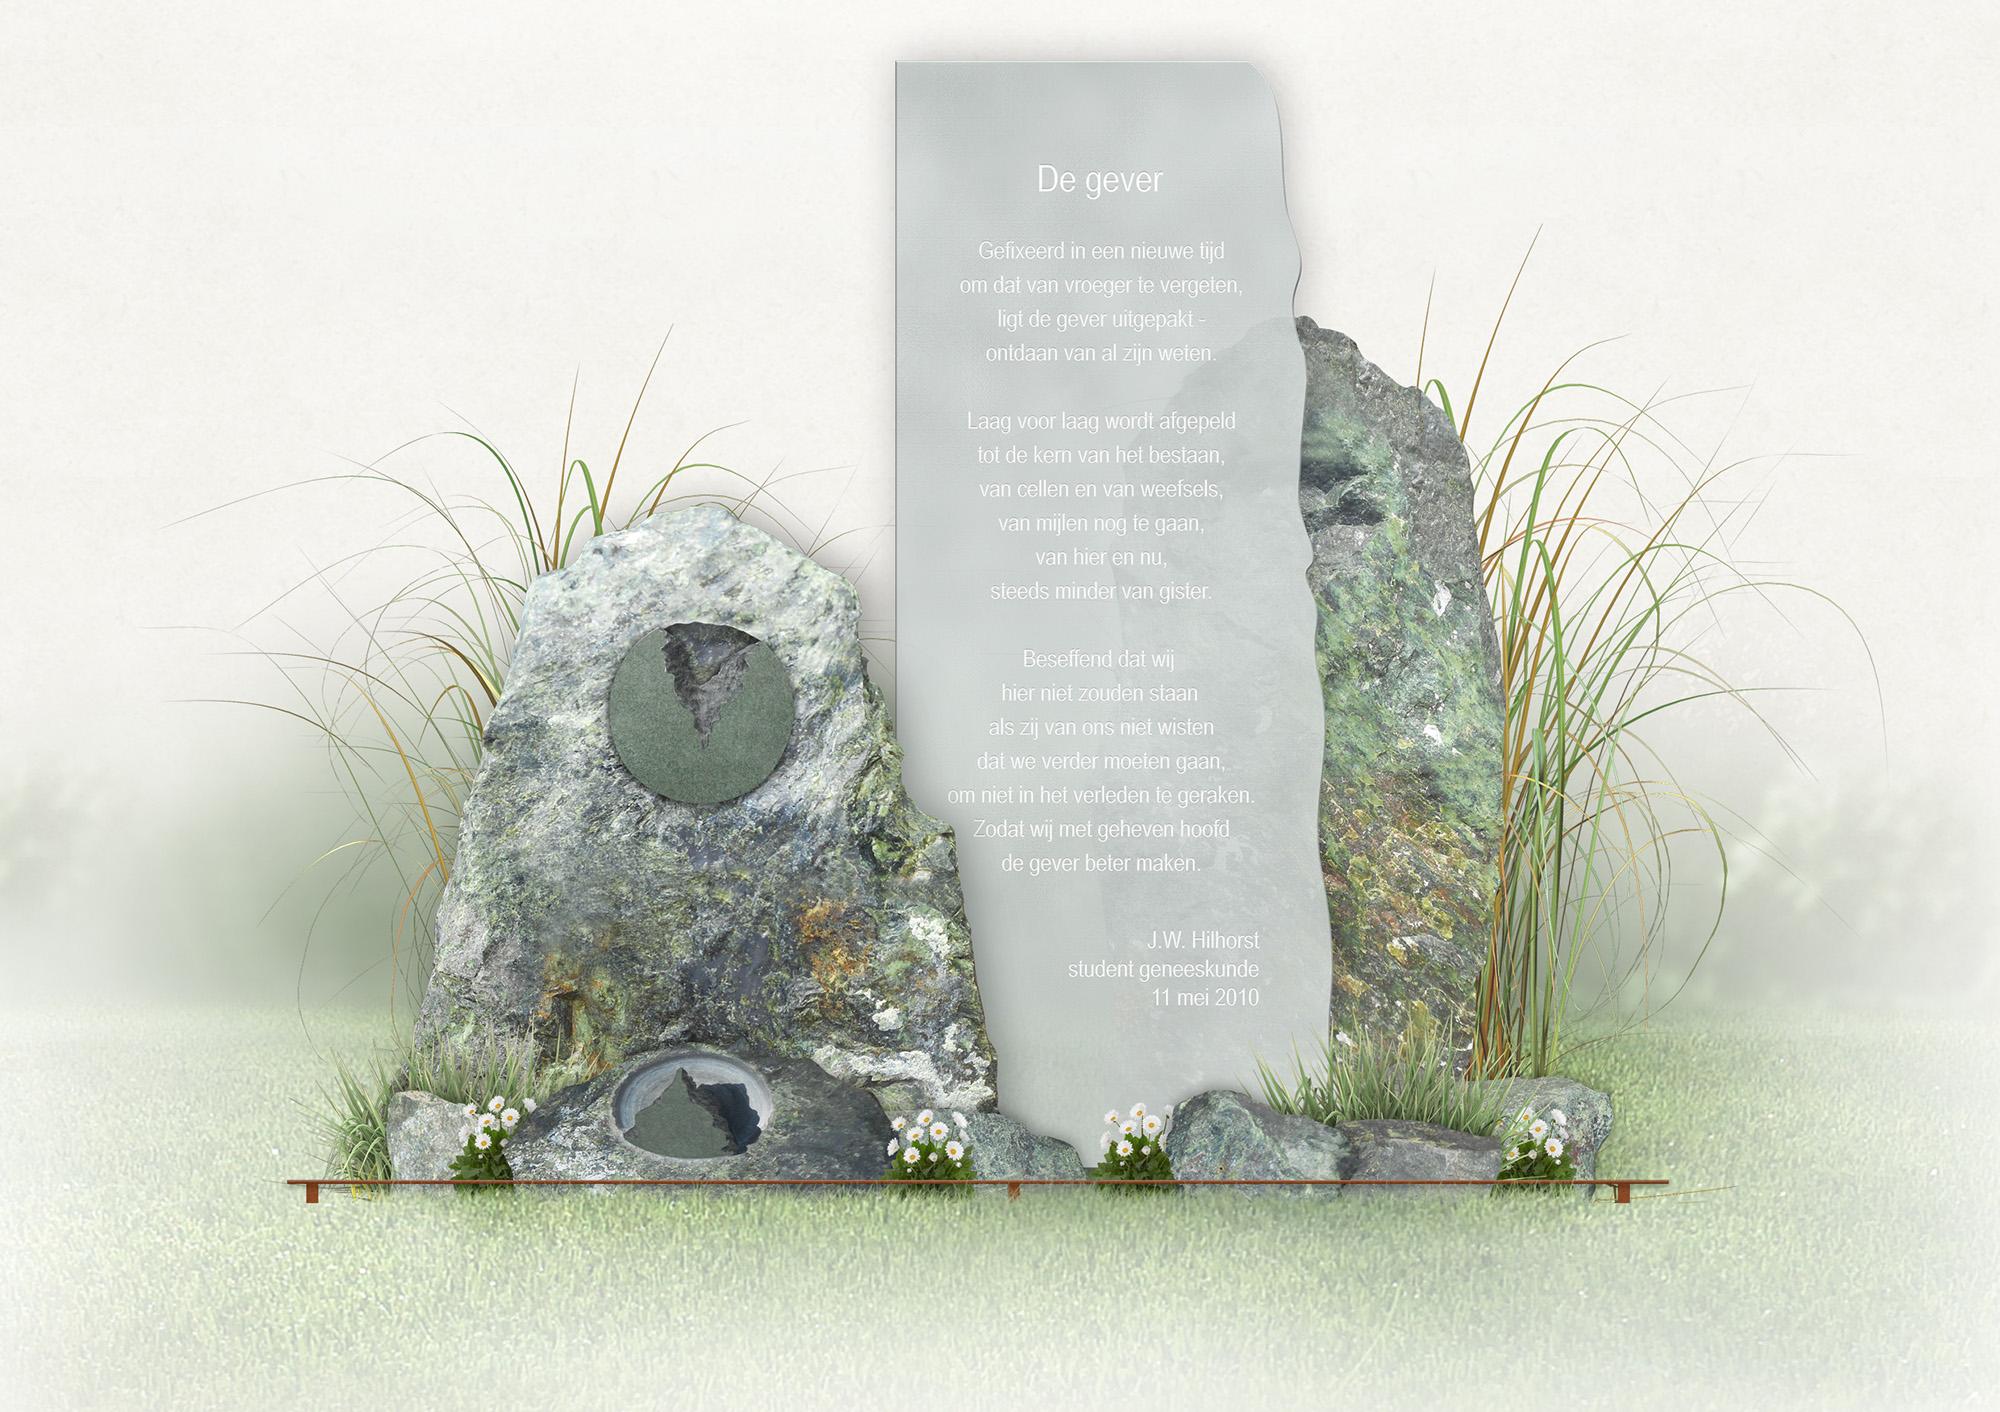 de gever monument body donation memorial